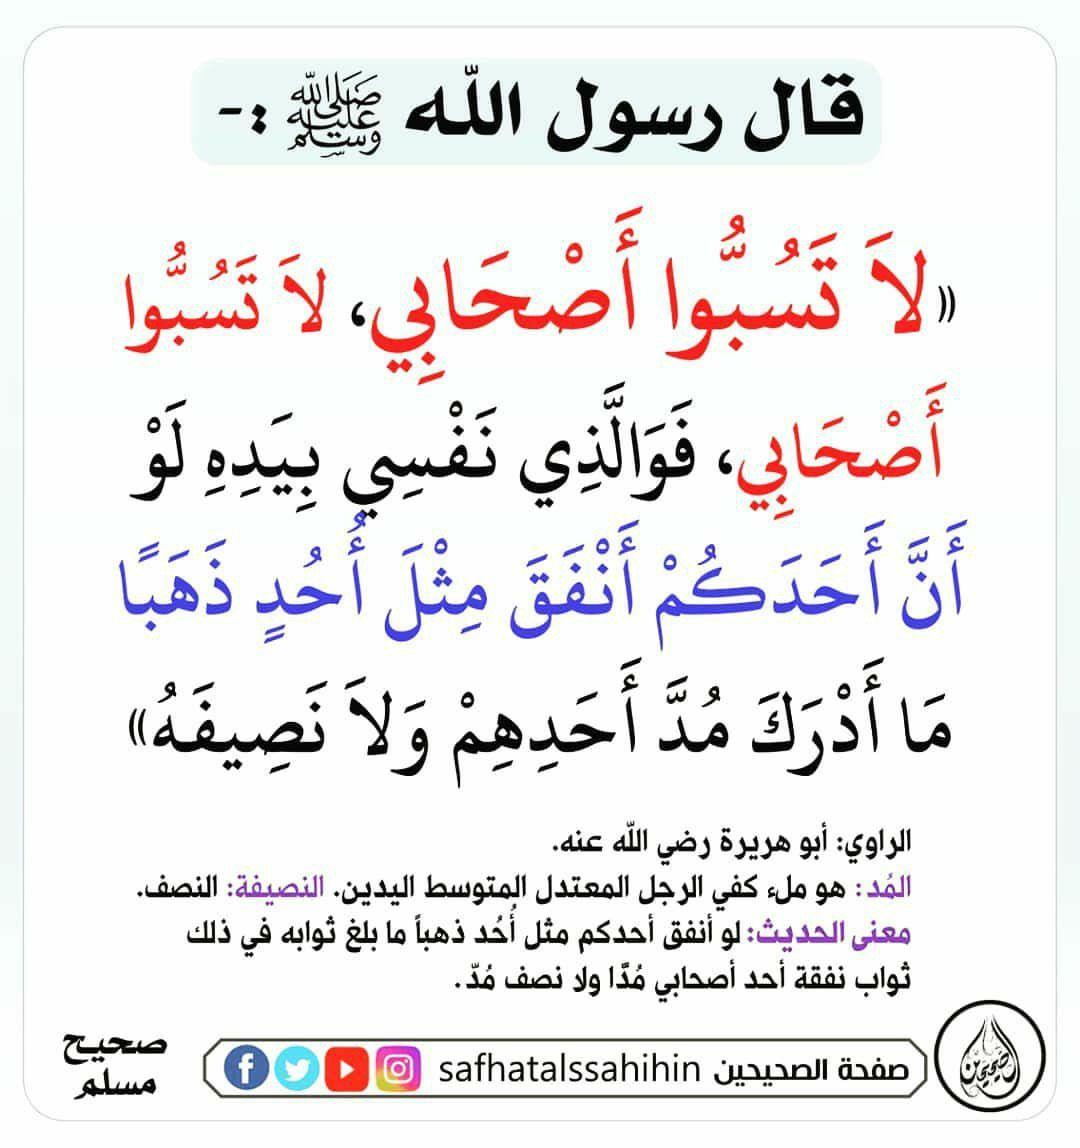 Pin By Omi Imo On أحاديث عن الرسول صلى الله عليه وسلم Islamic Phrases Islamic Quotes Hadith